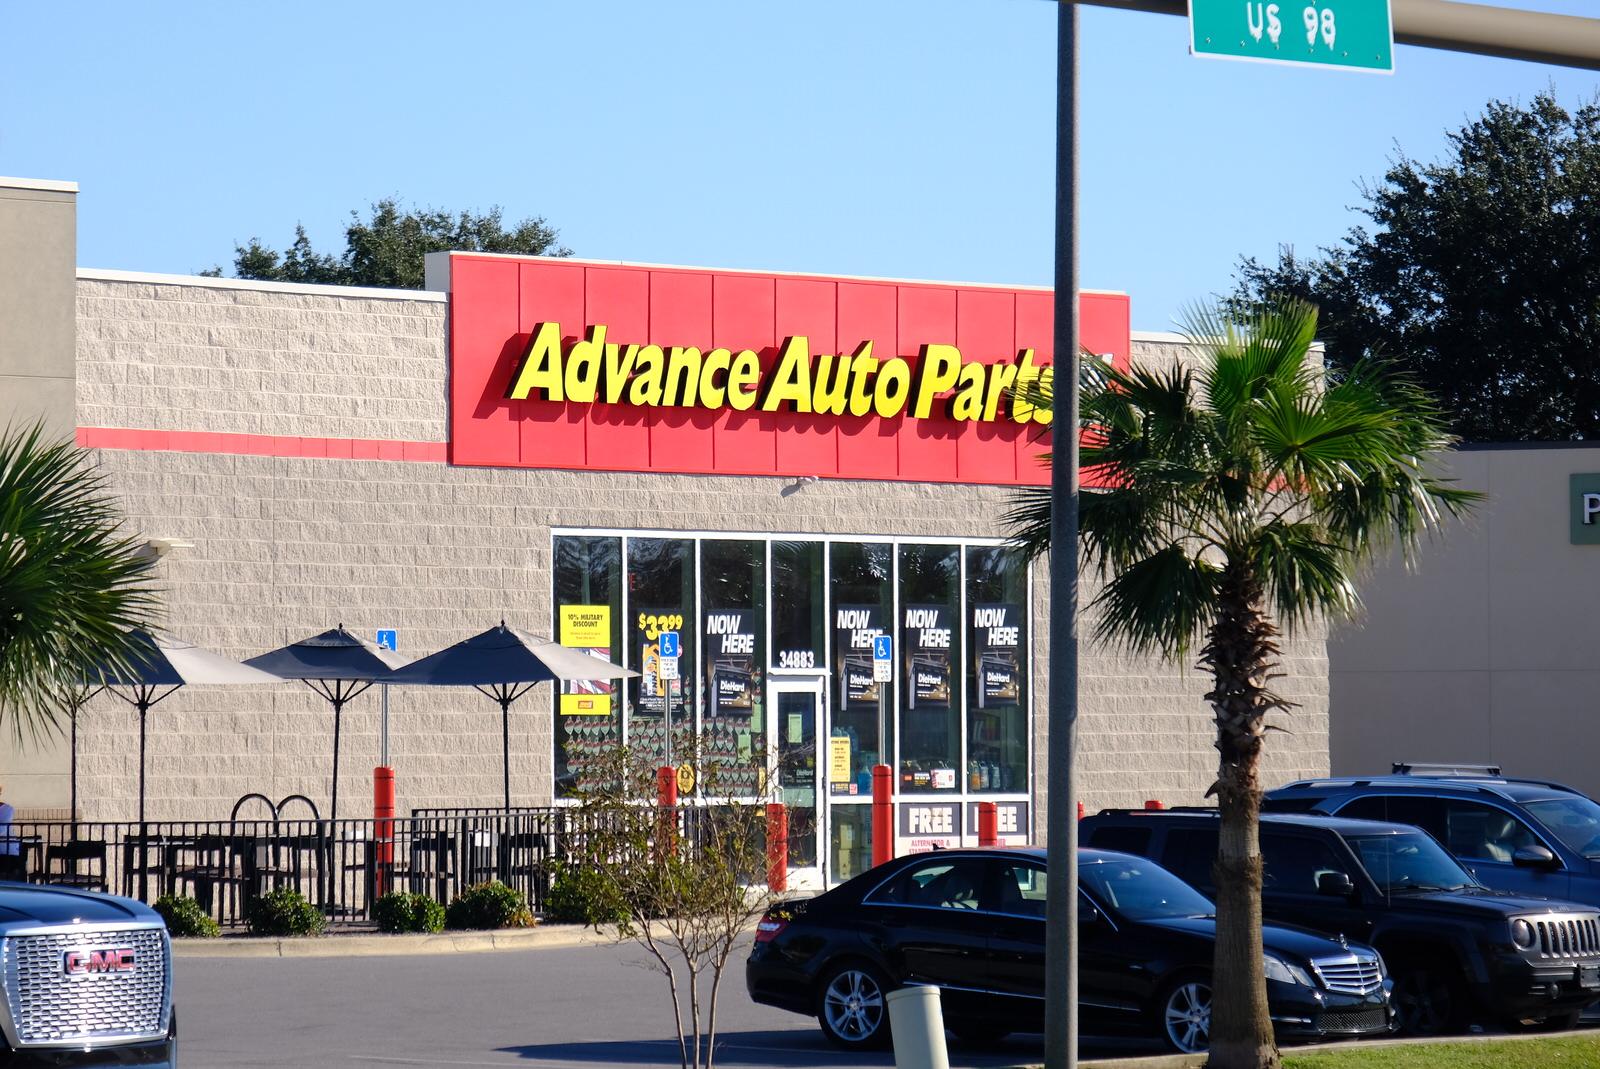 Advance Auto Parts store in Destin, Florida.